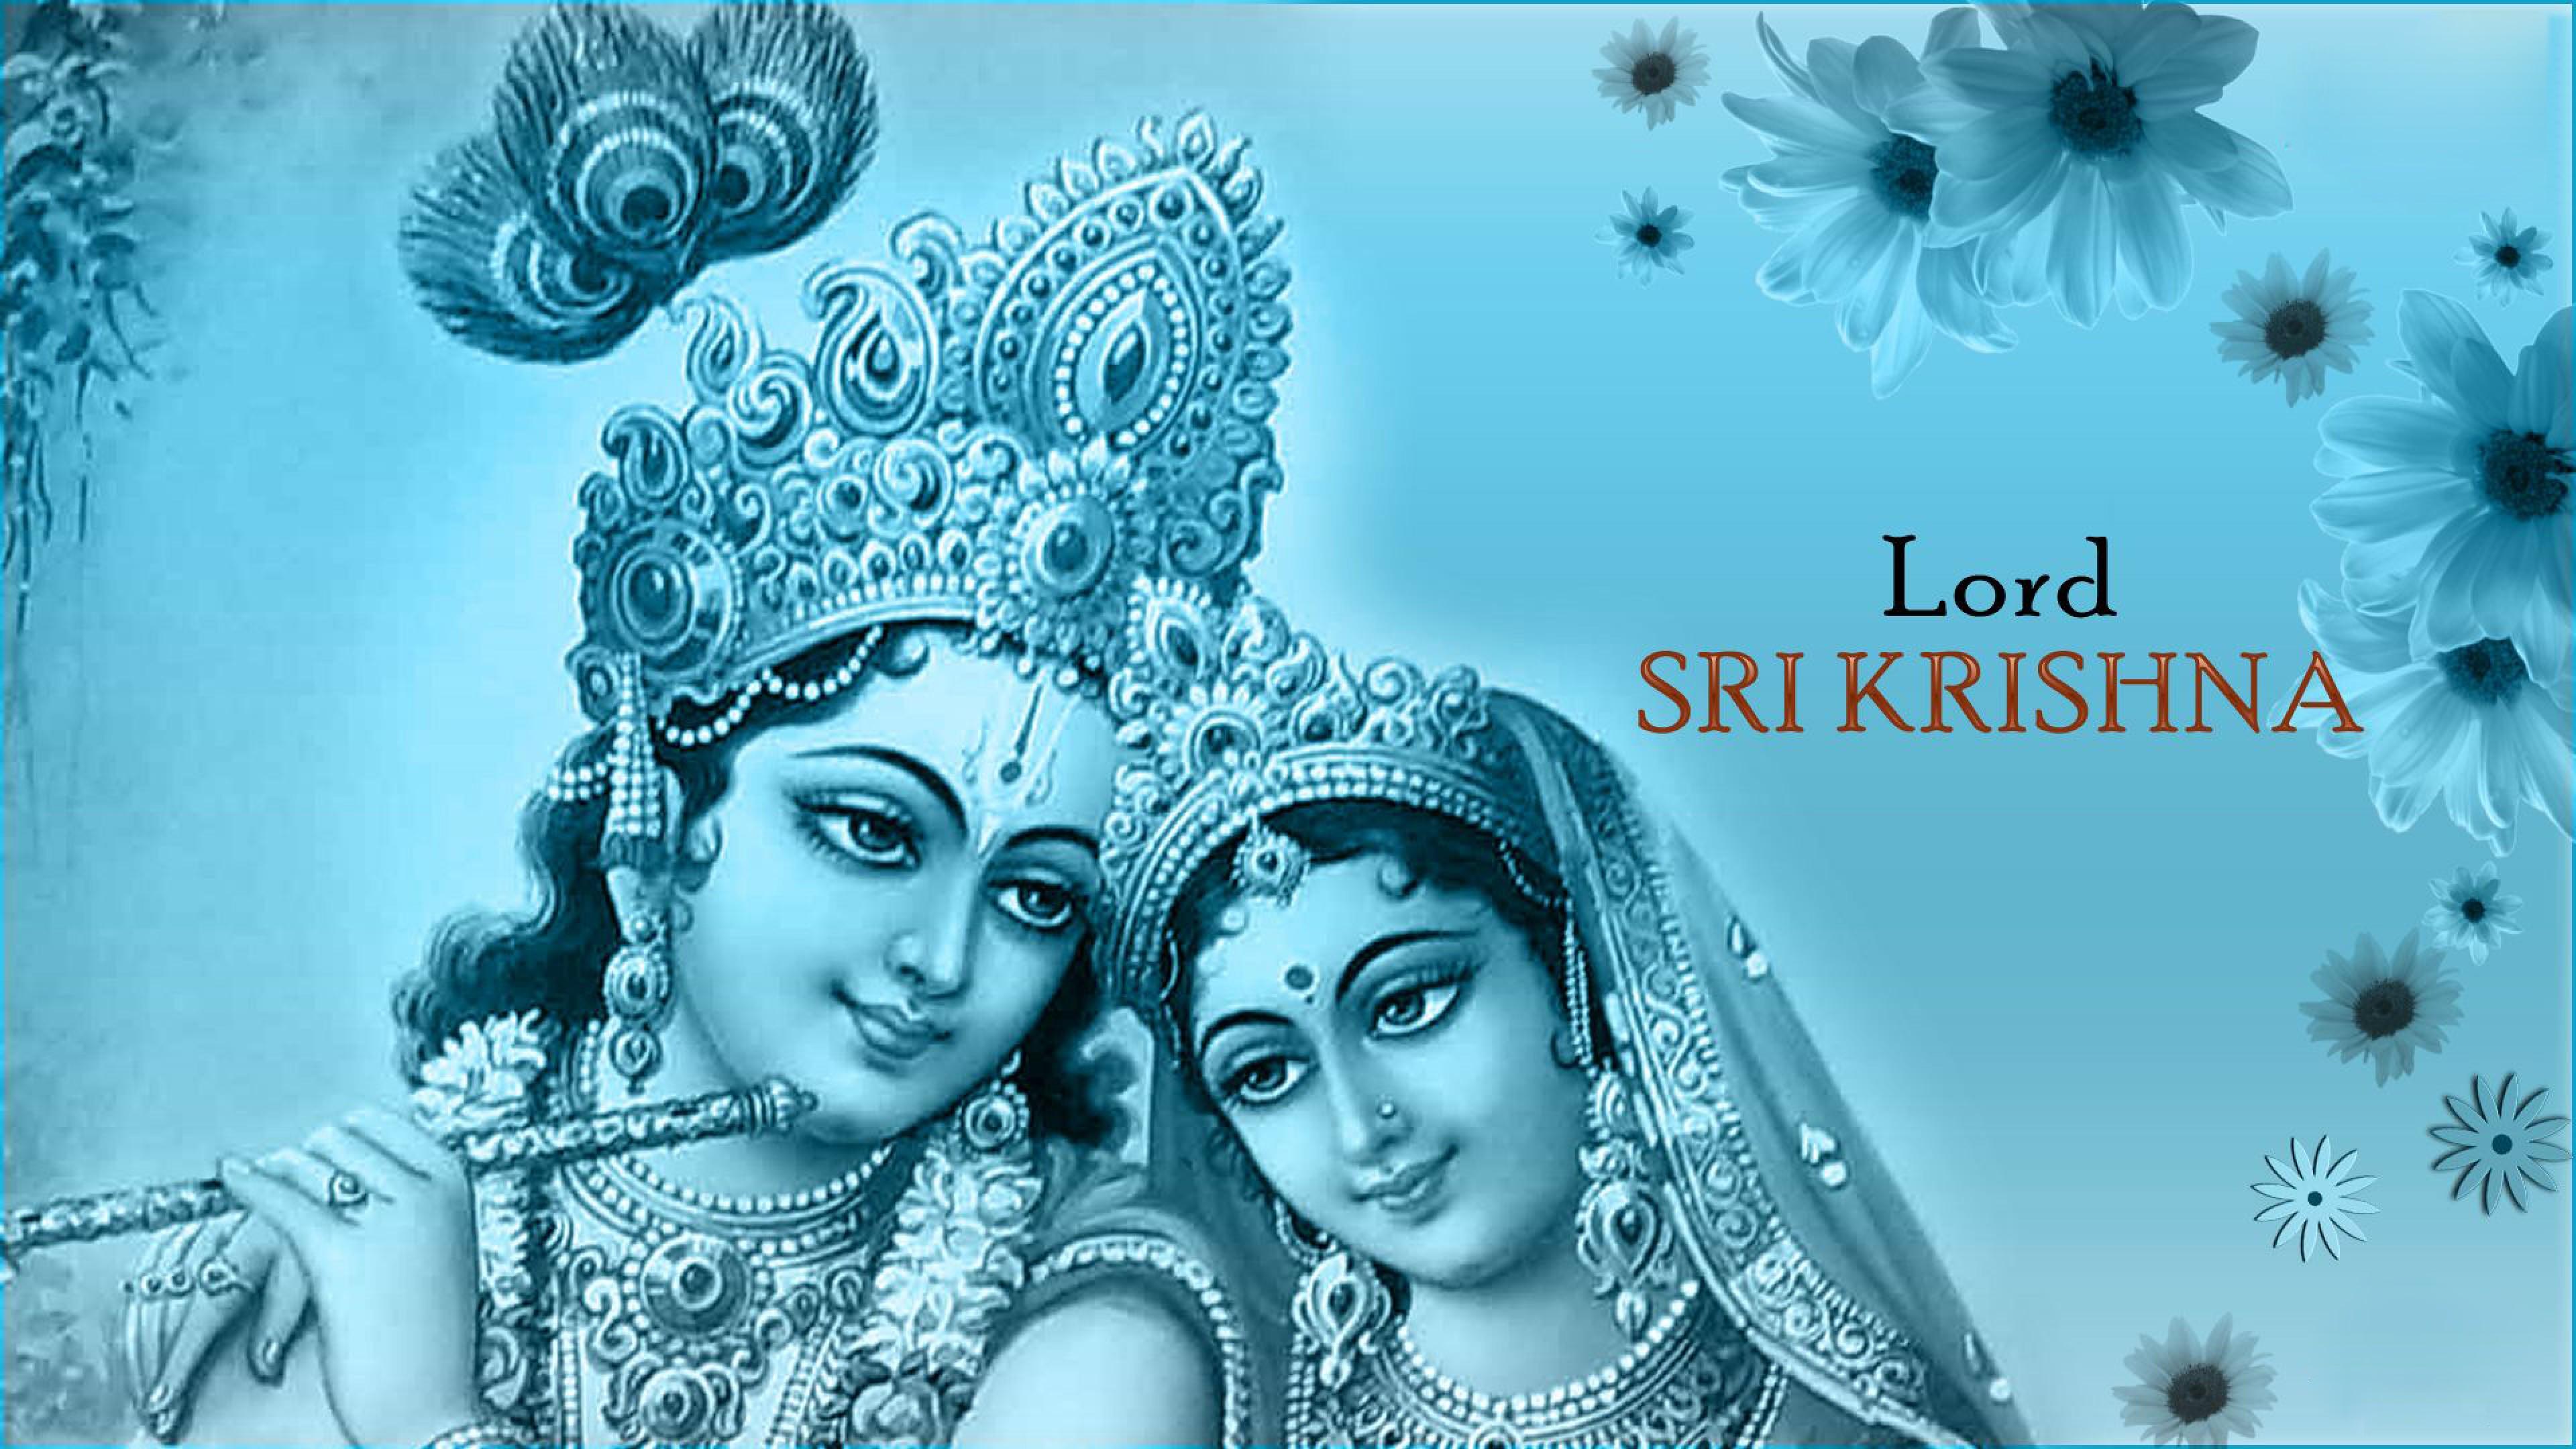 lord sri krishna hd wallpaper